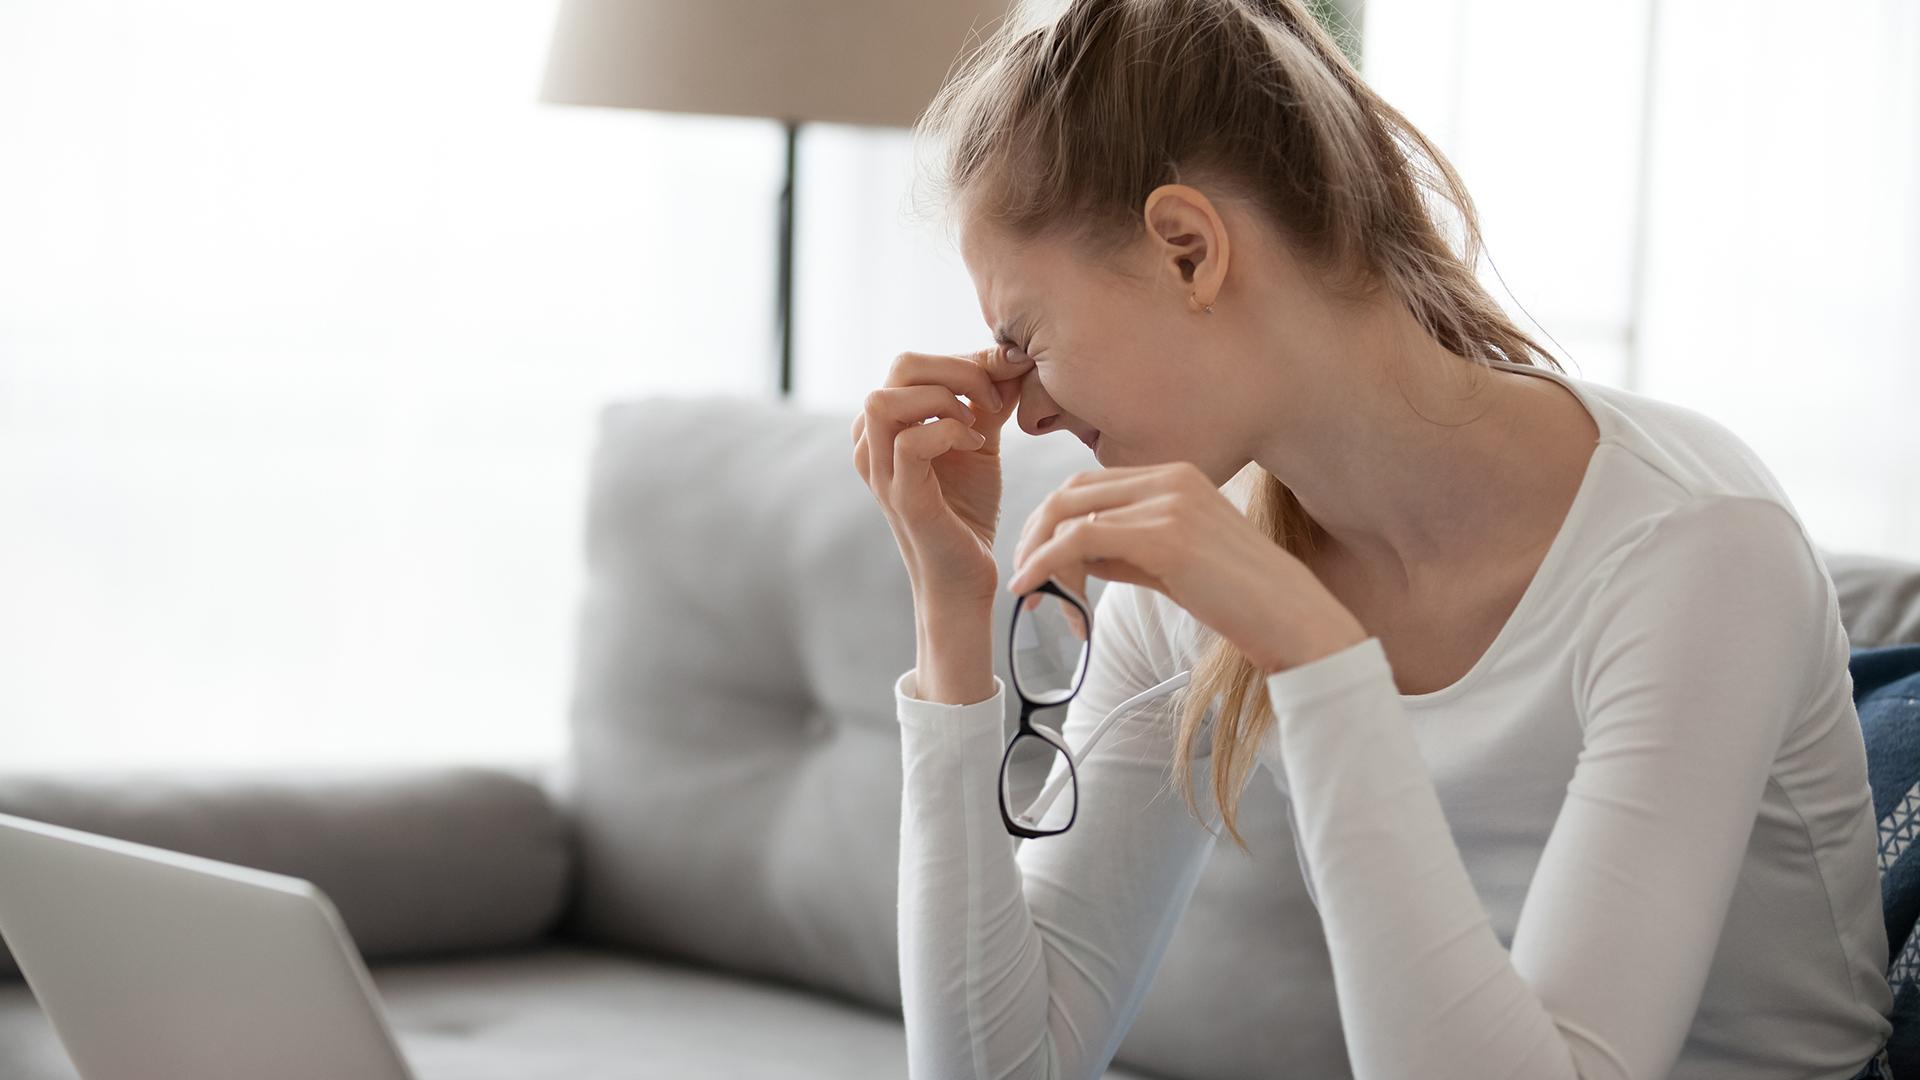 Kuivat limakalvot voivat oireilla nenässä ja suussa yhtä hyvin kuin alapäässä.